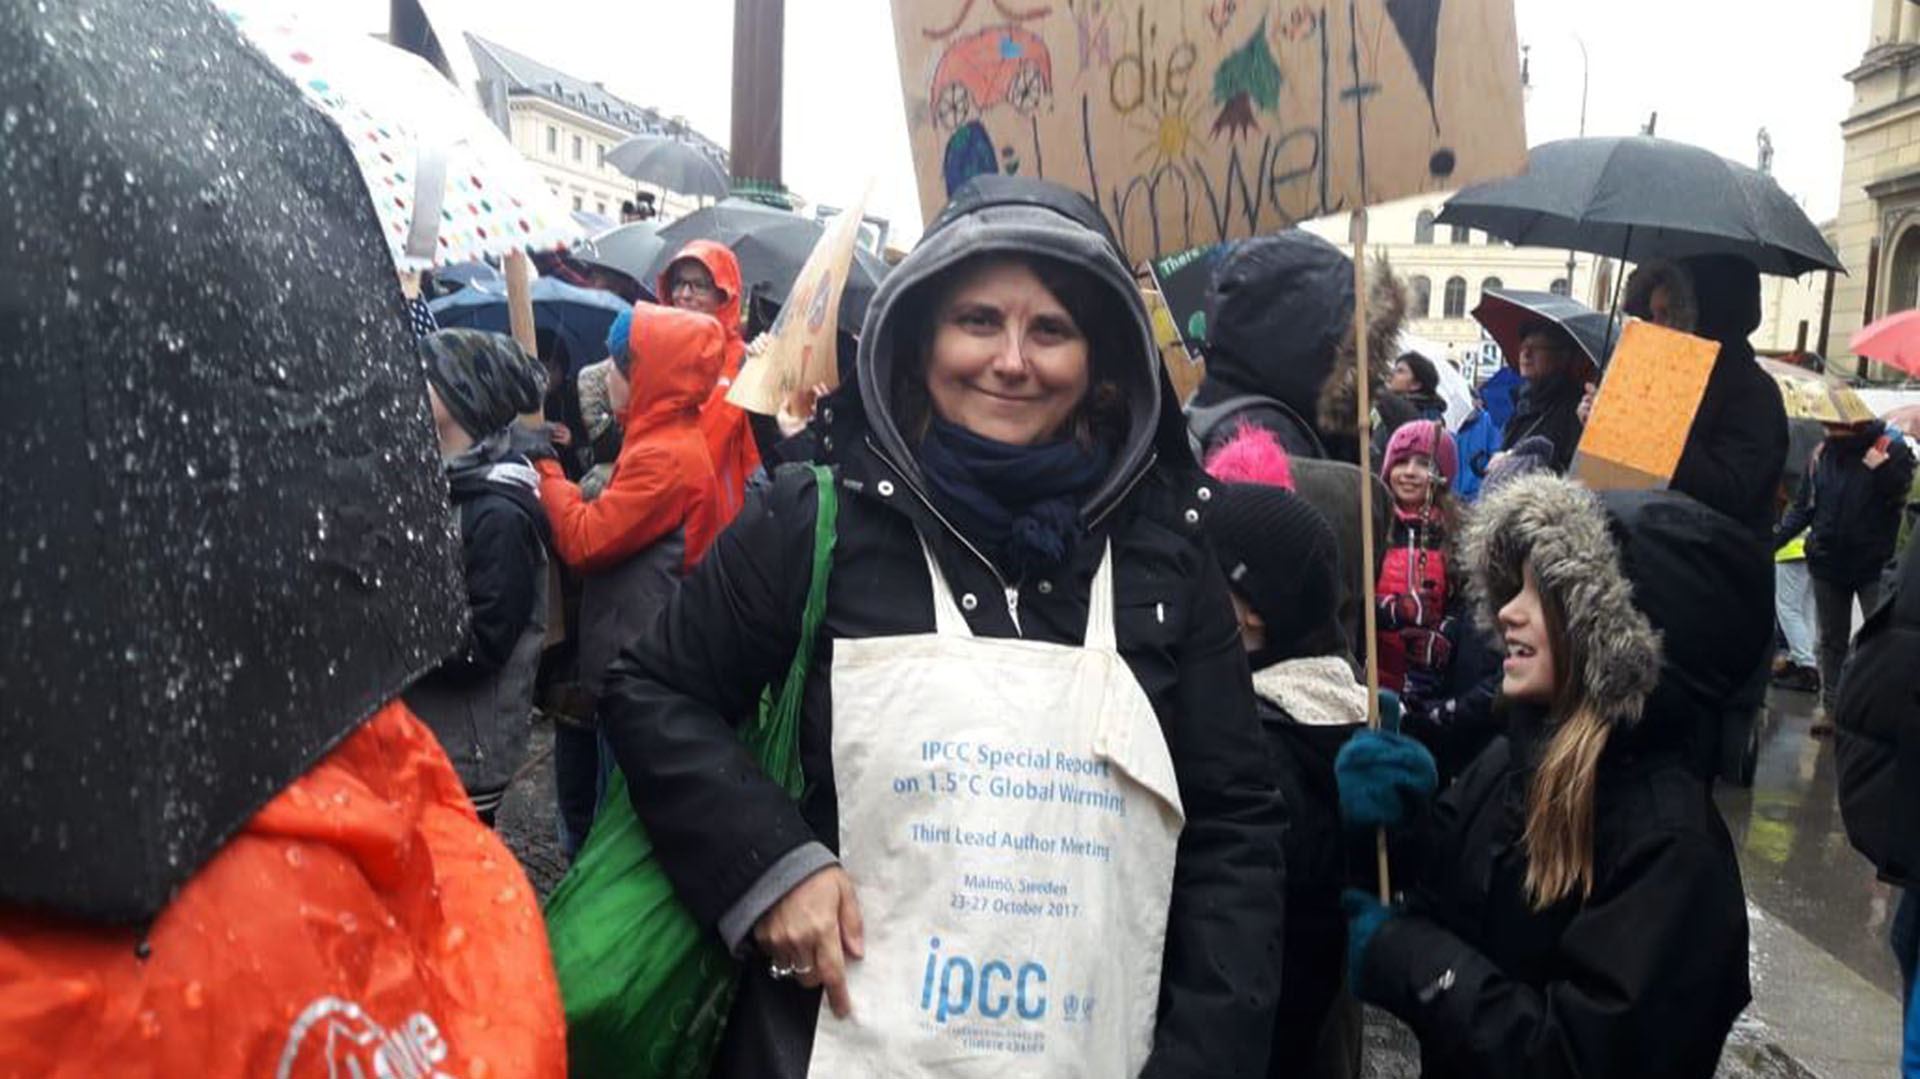 La científica argentina Carolina Vera participó de la marcha en Munich